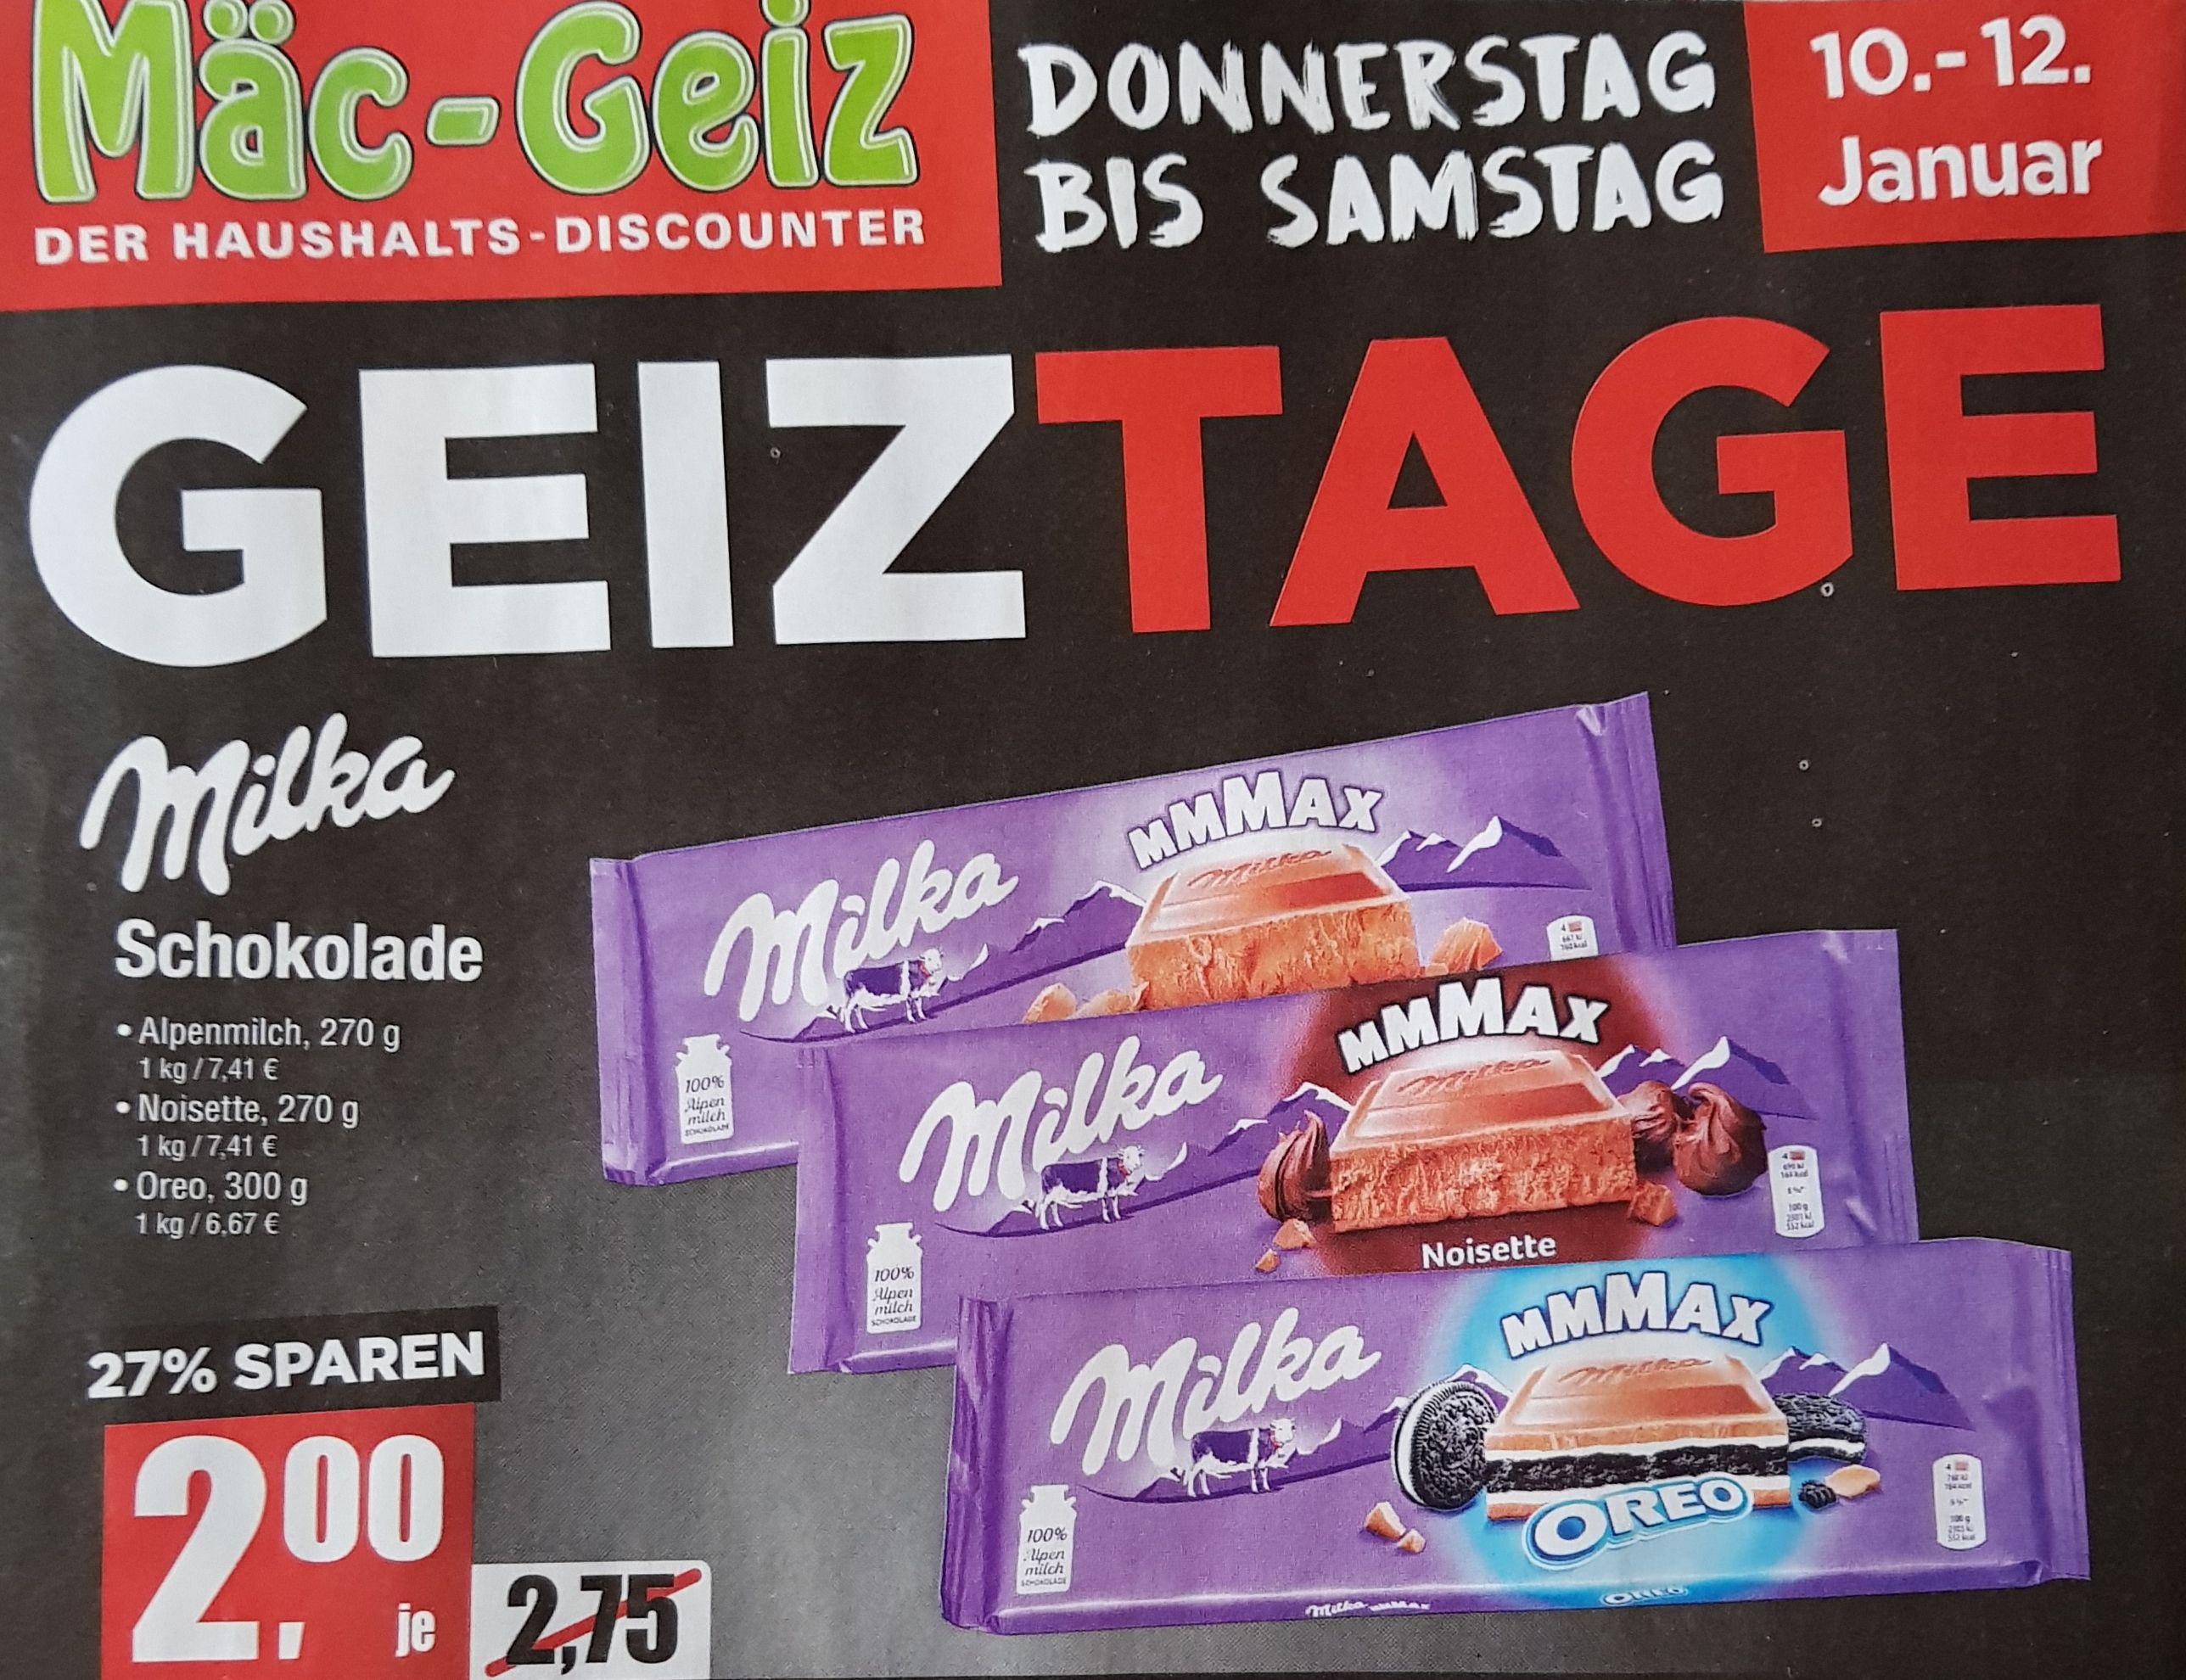 [Vorankündigung] Milka Schokolade 270 g (Alpenmilch, Noisette, Oreo) für 2,00 [Mäc-Geiz]